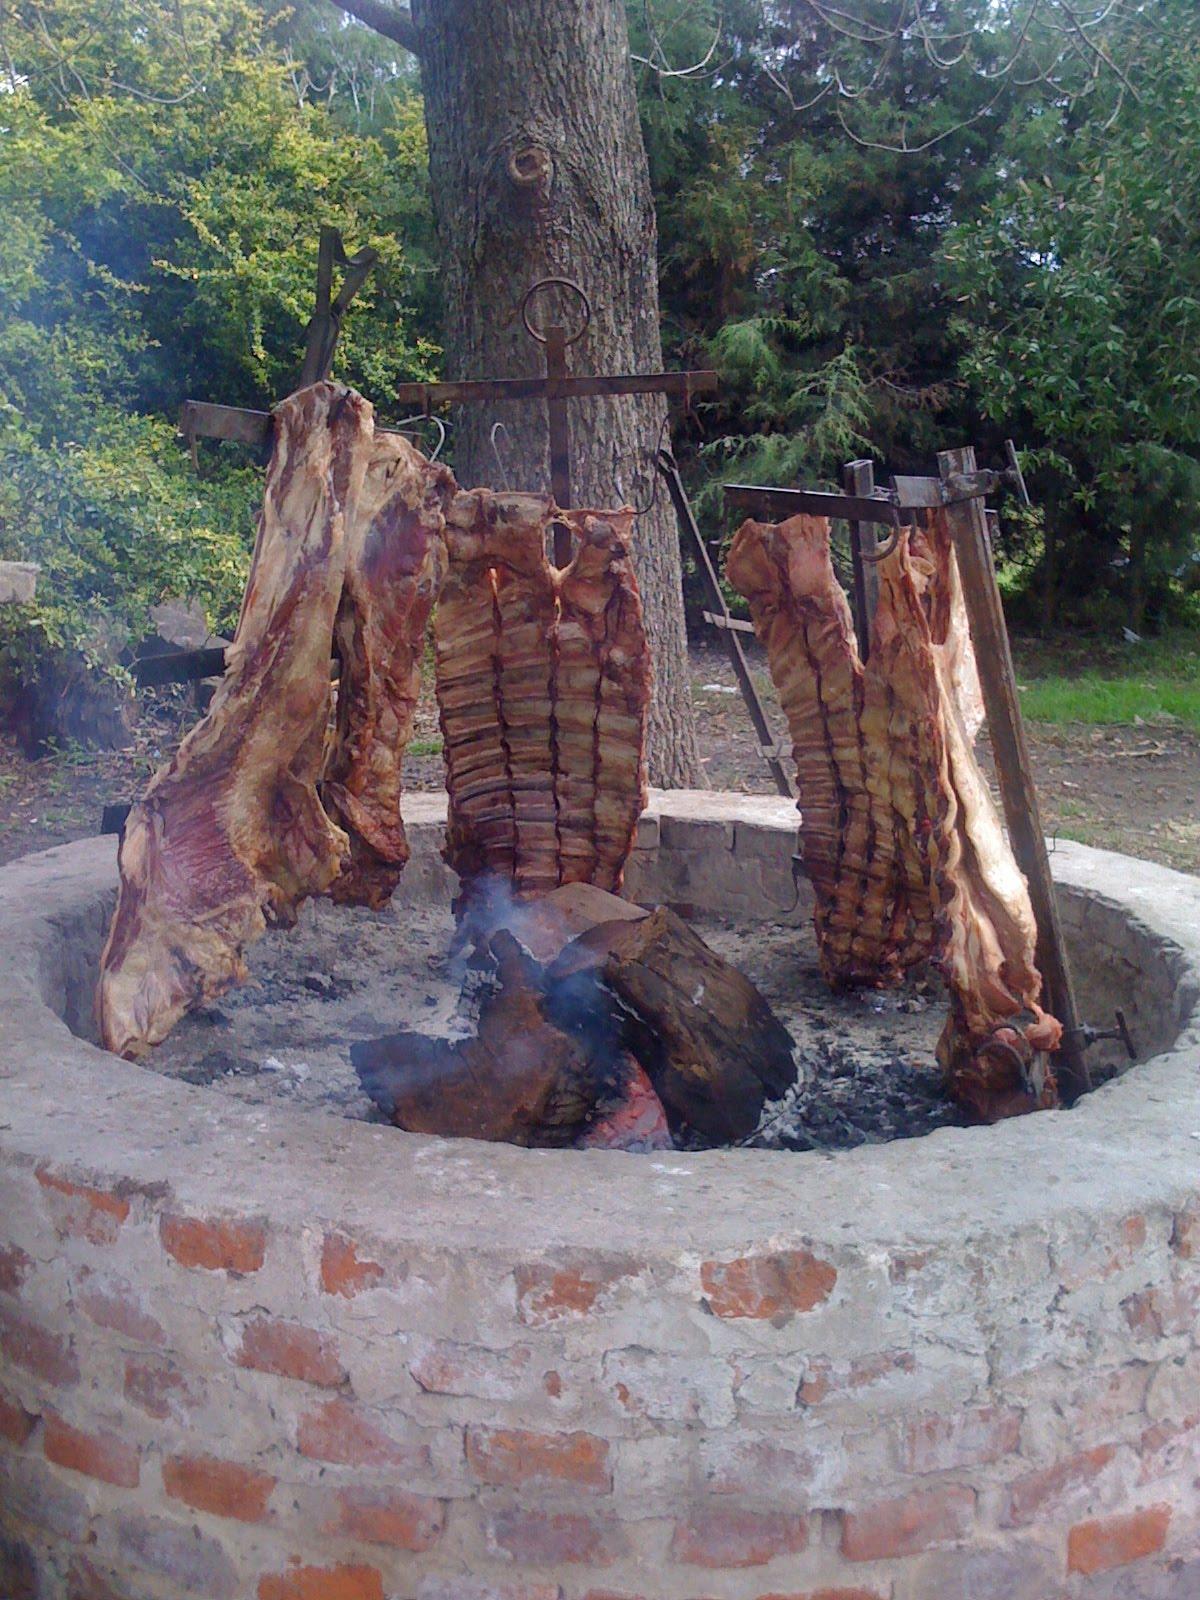 El rincon so ado asador criollo nuestra carne for Mural nuestra carne